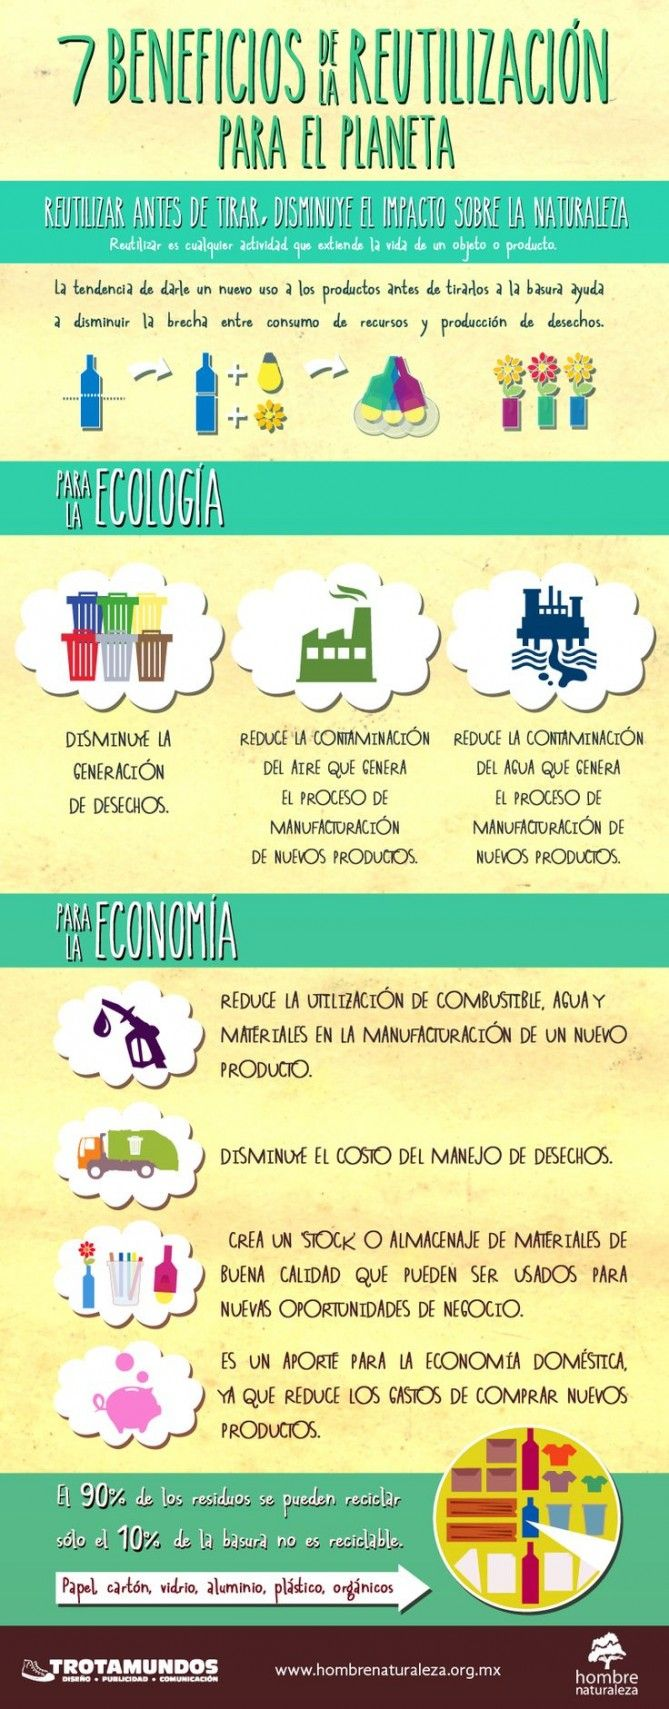 7 Razones esenciales de reciclar en tu planeta. #Reutilización #Verde #Sustentable #ApoyoEcologico #MundoVerde #VidaMejor #Reciclar